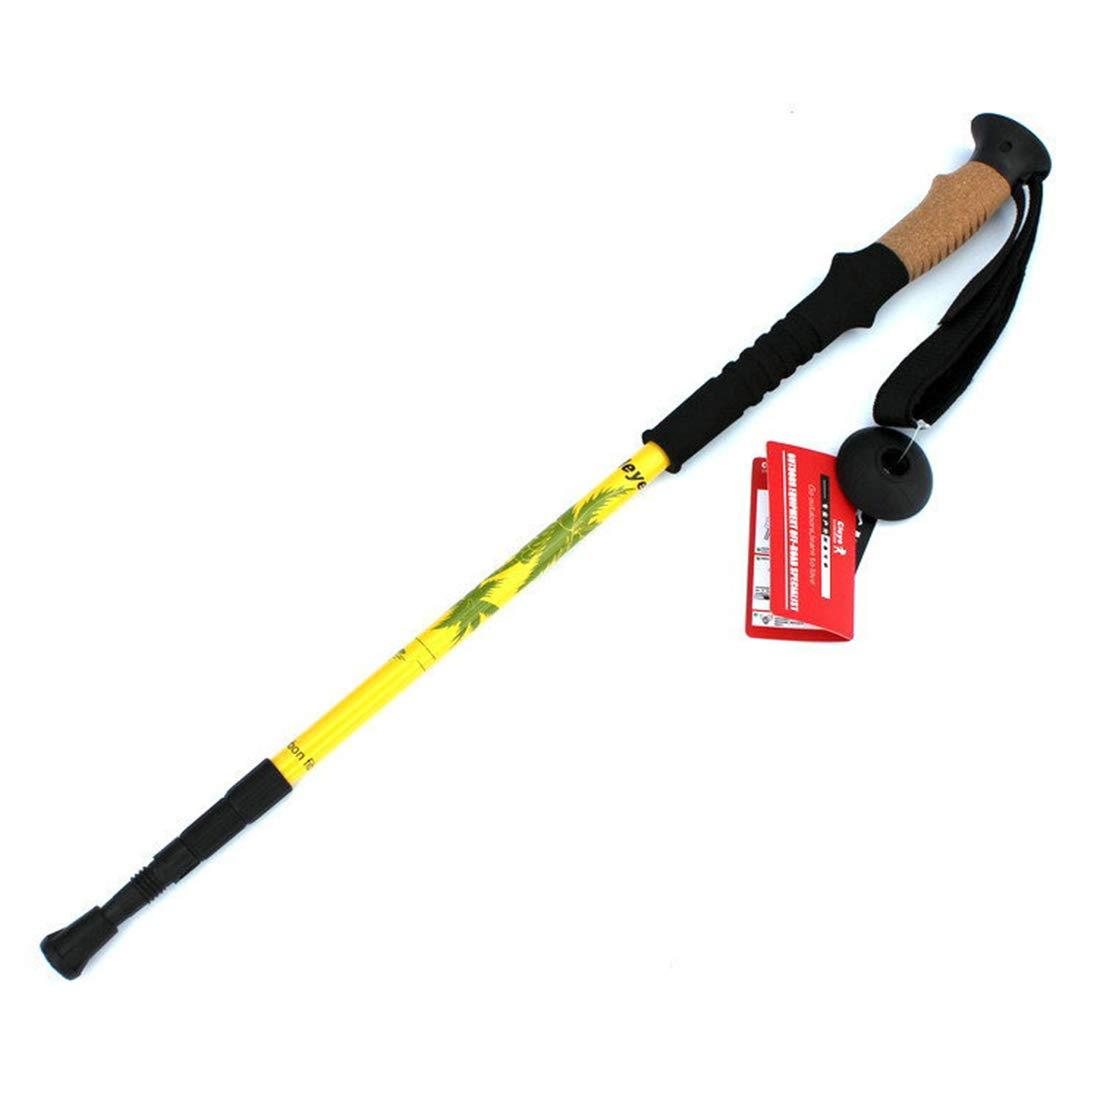 FELICIAAA アルペンストック軽量屋外スポーツ伸縮ハイキングカーボン三つ折りフォークウォーキングスティックアウトドアクライマー (Color : イエロー, サイズ : 135cm) イエロー 135cm